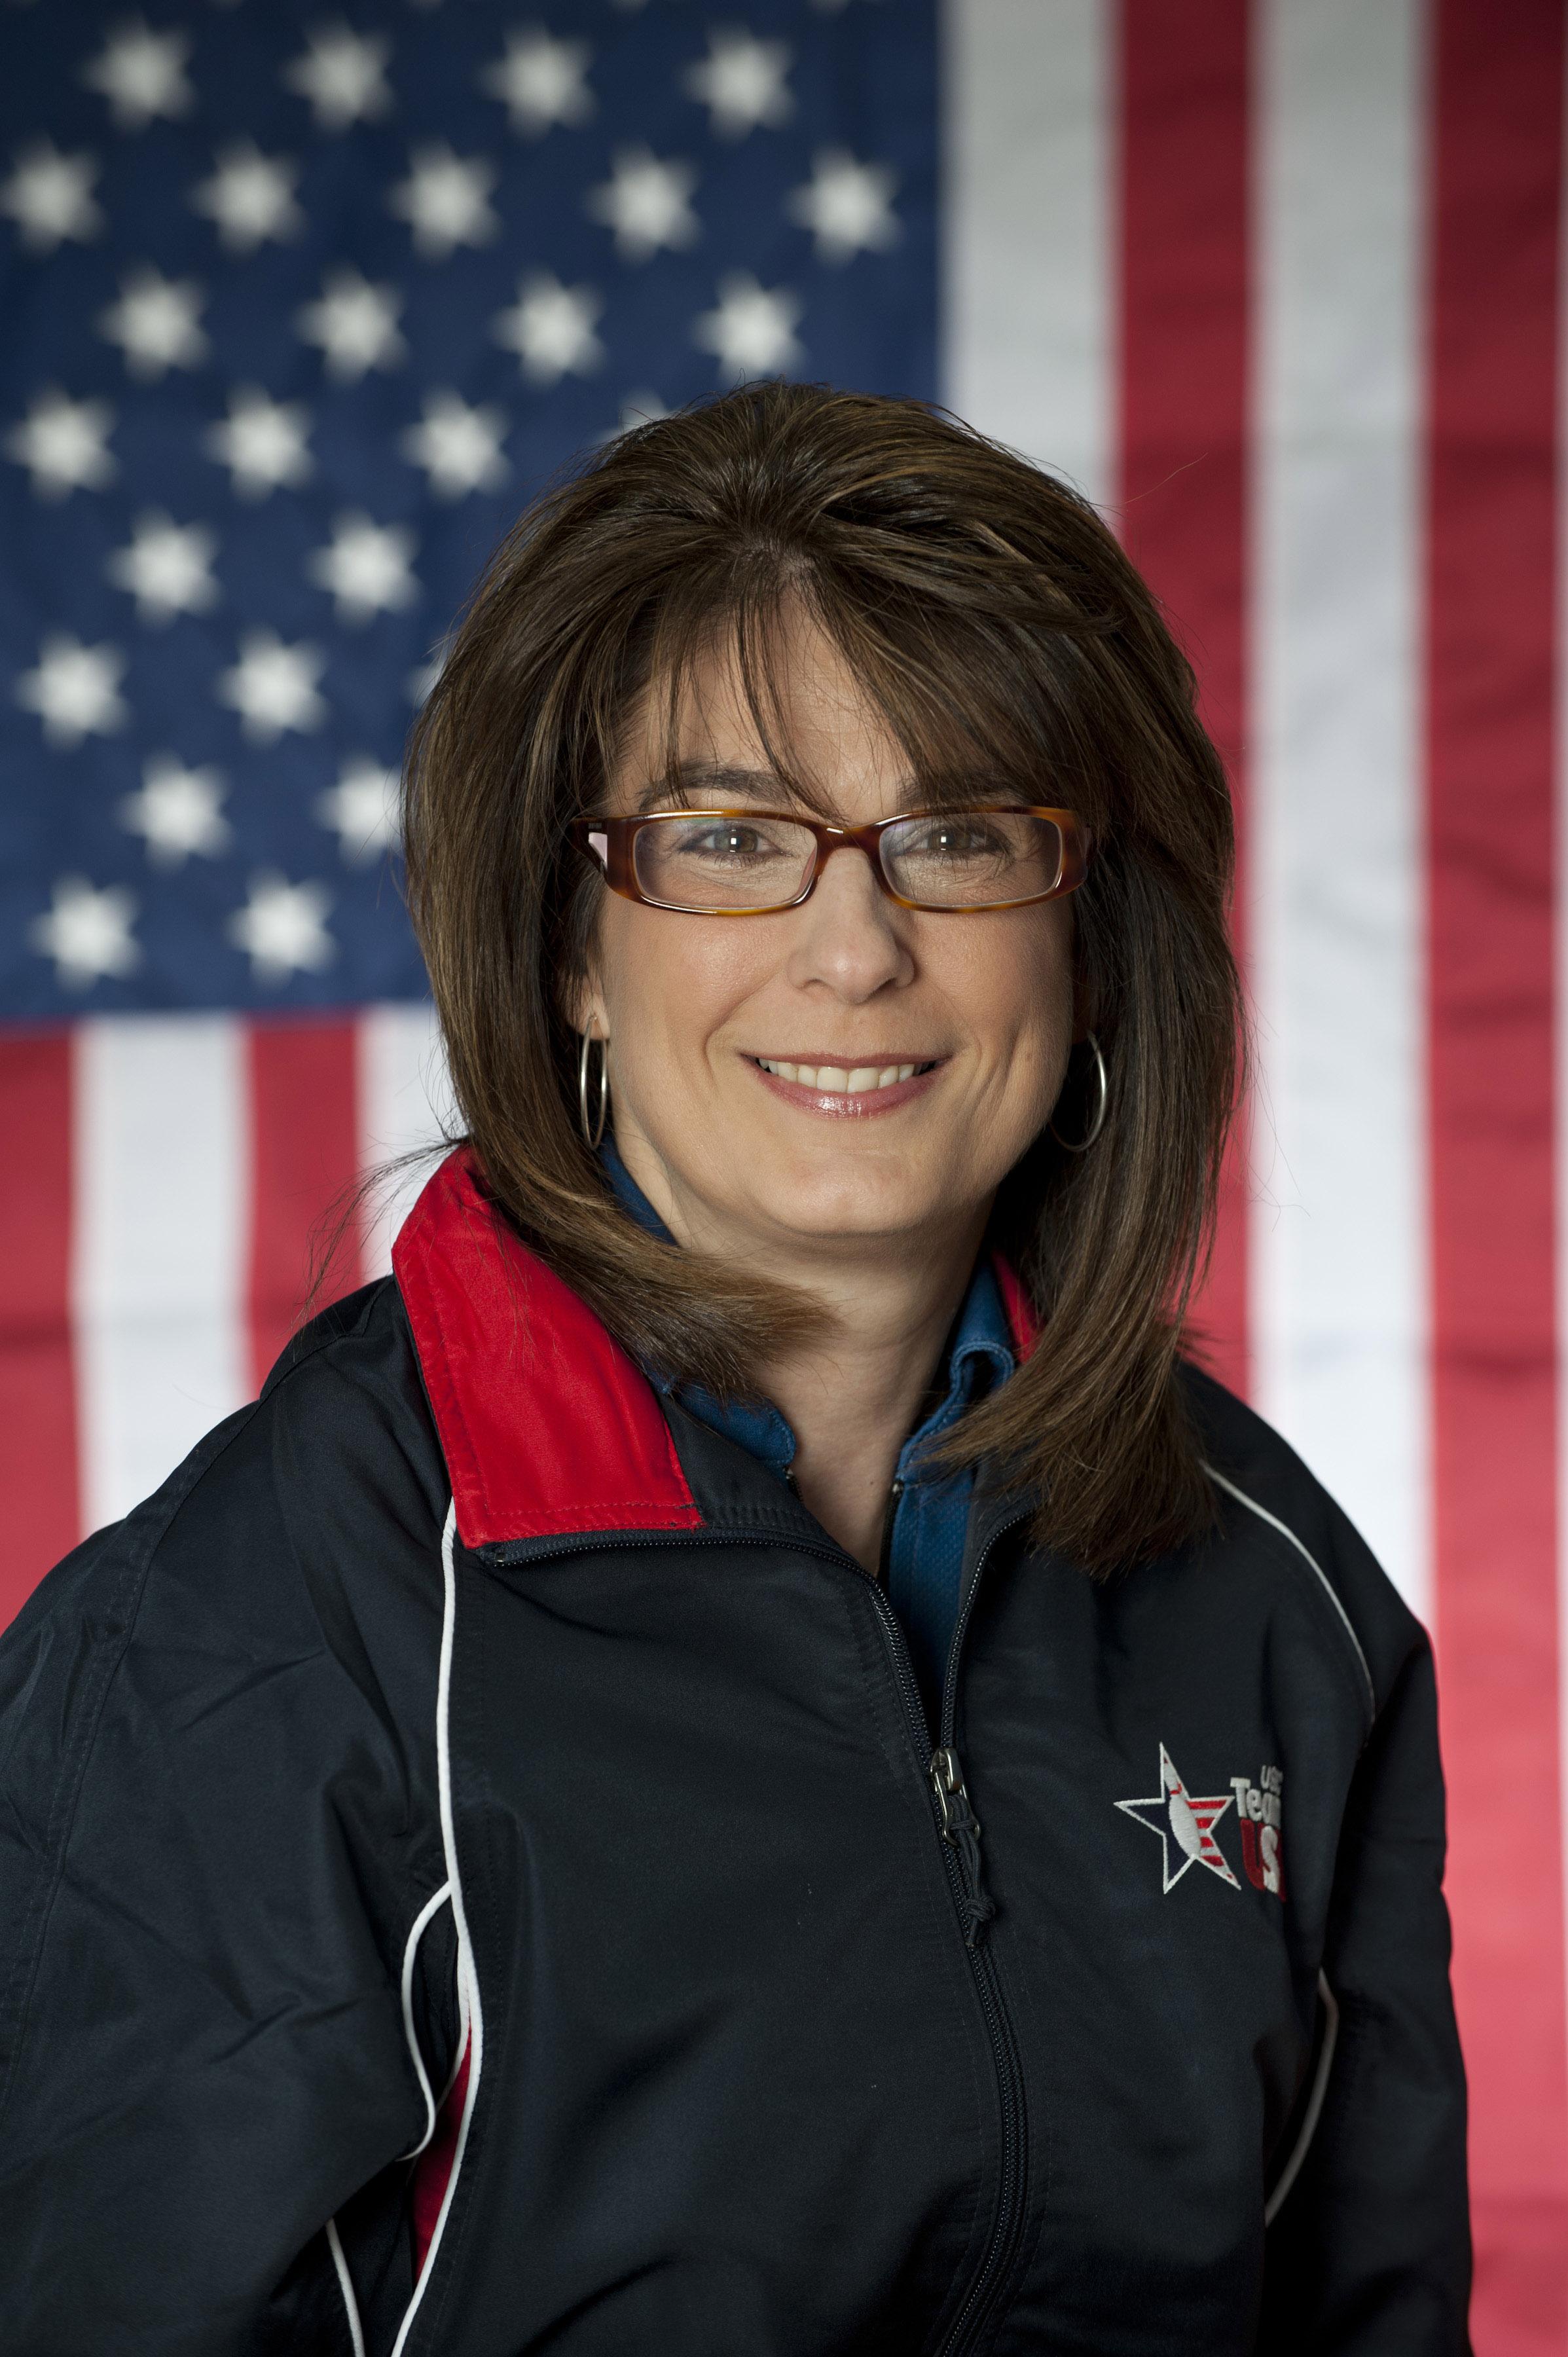 Carolyn Dorin-Ballard USBC Bowling Academy